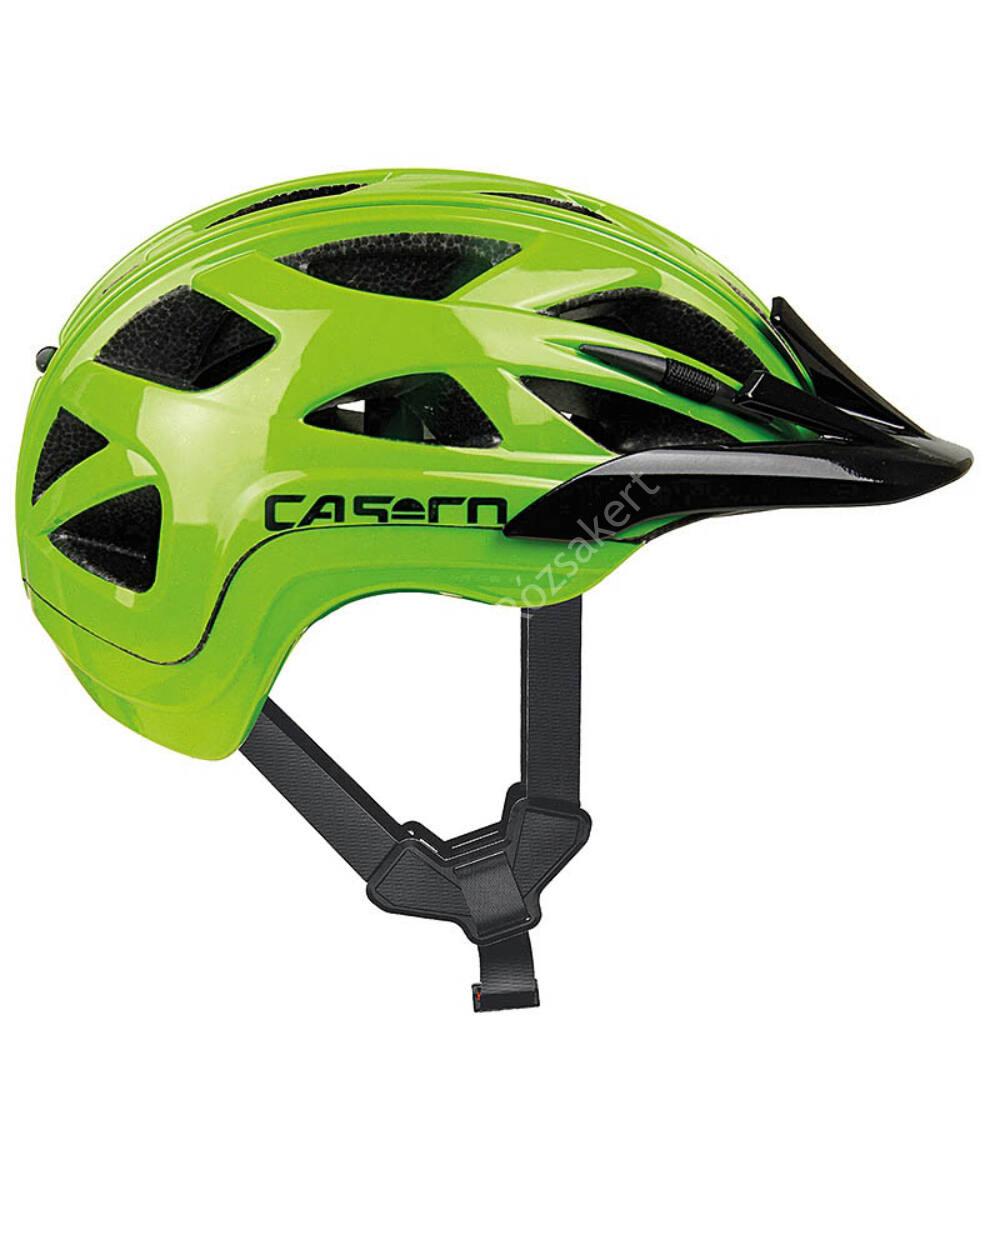 Casco Activ 2 Junior bukósisak, 50-56cm, zöld